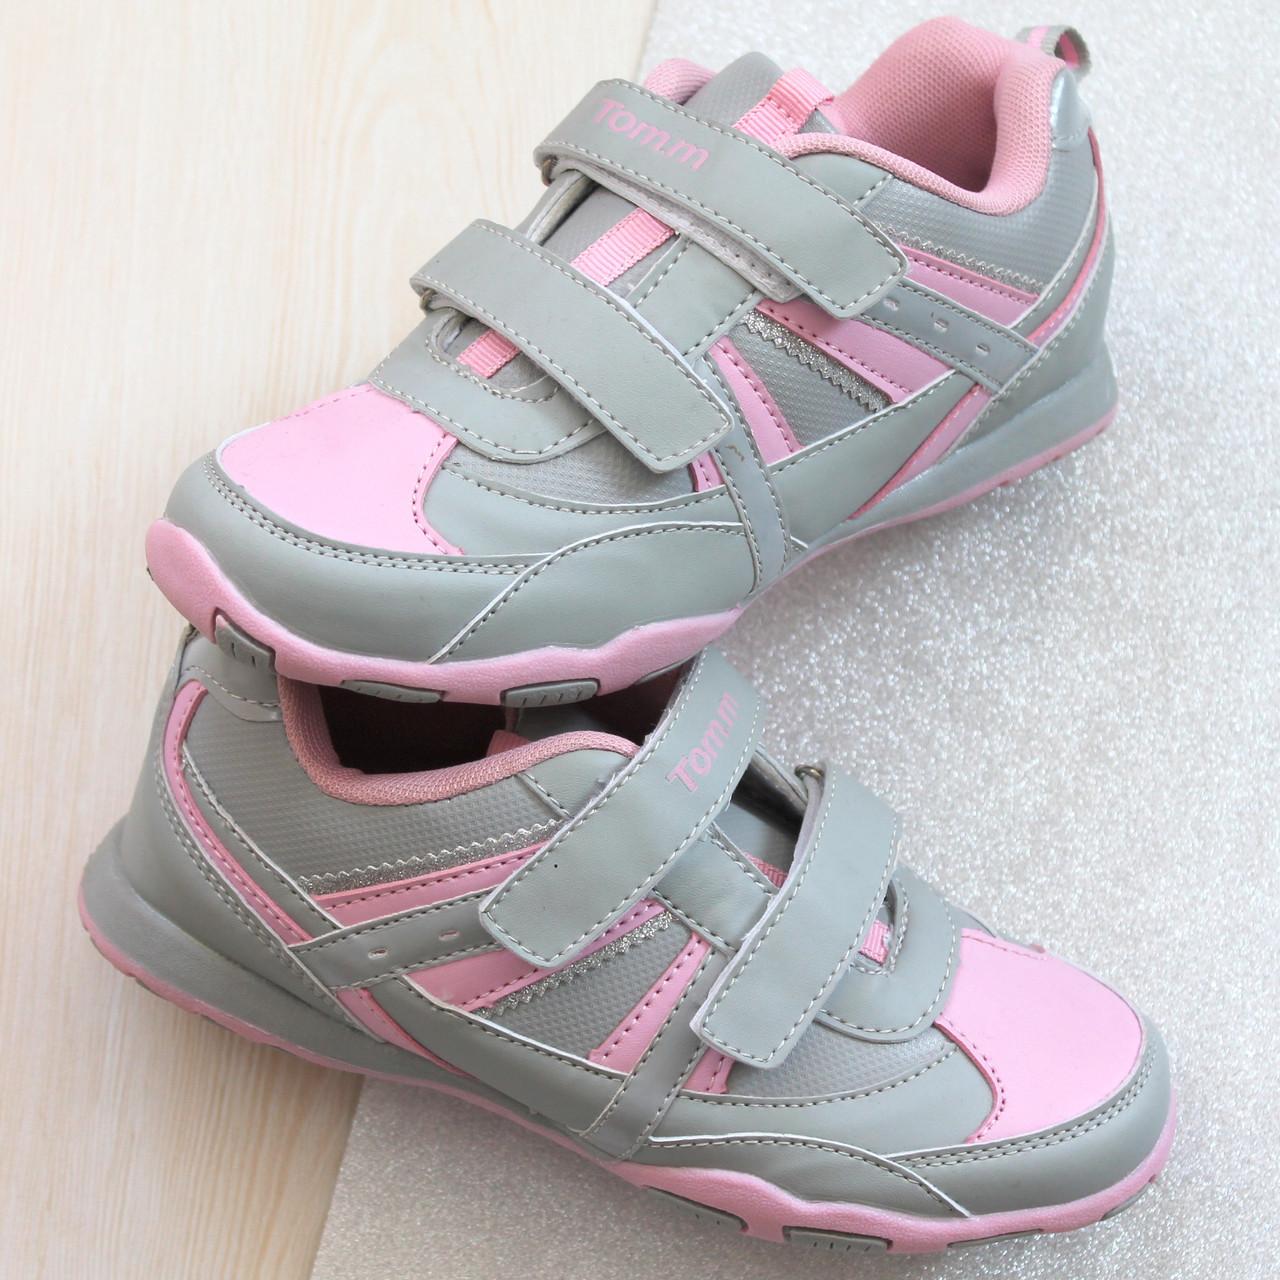 472ddd72 Подростковые кроссовки на девочку, модная стильная спортивная обувь  недорого тм Тom.m р.